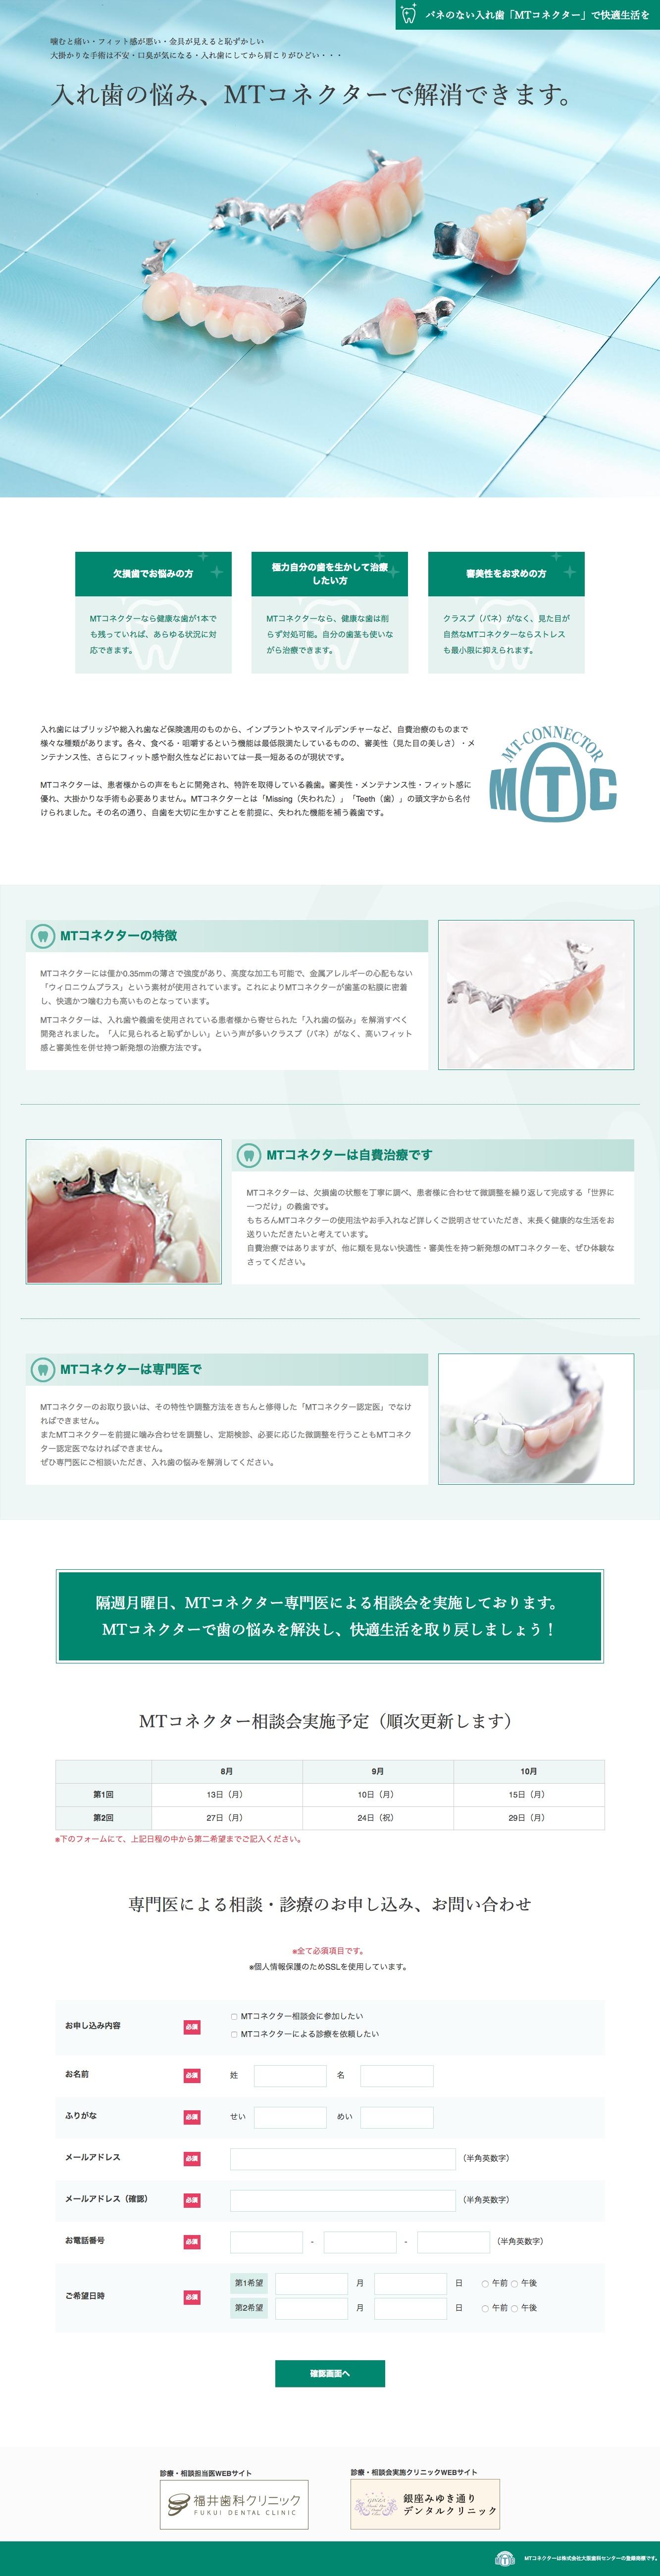 福井歯科MTC